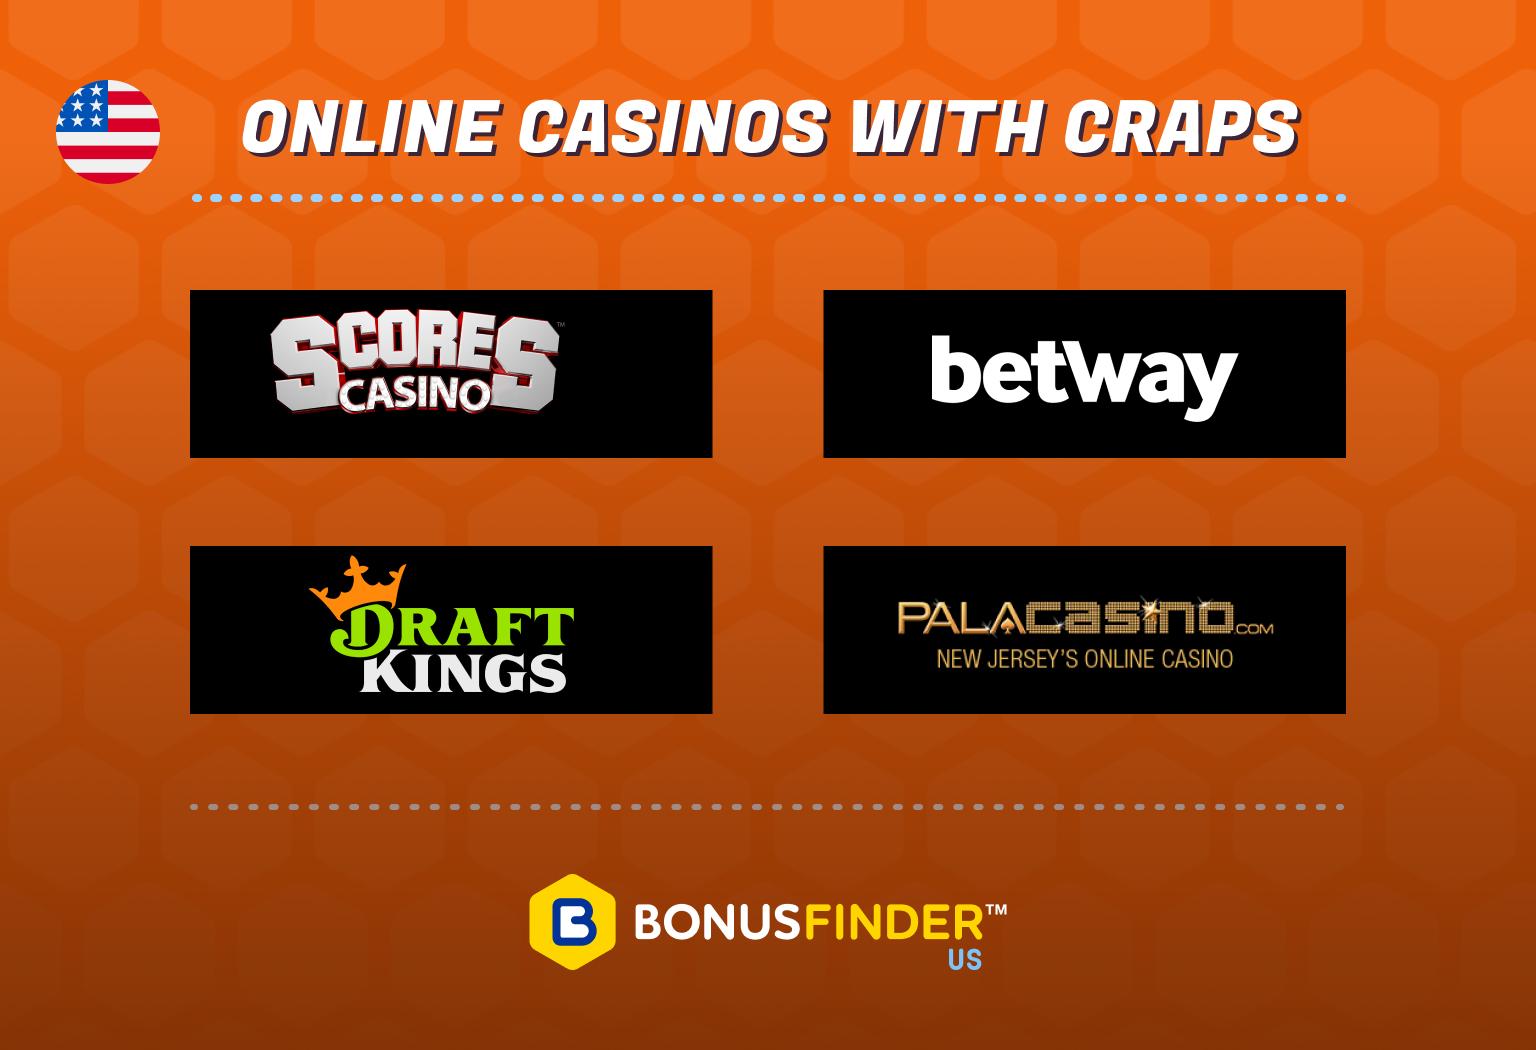 Online Casinos with Craps